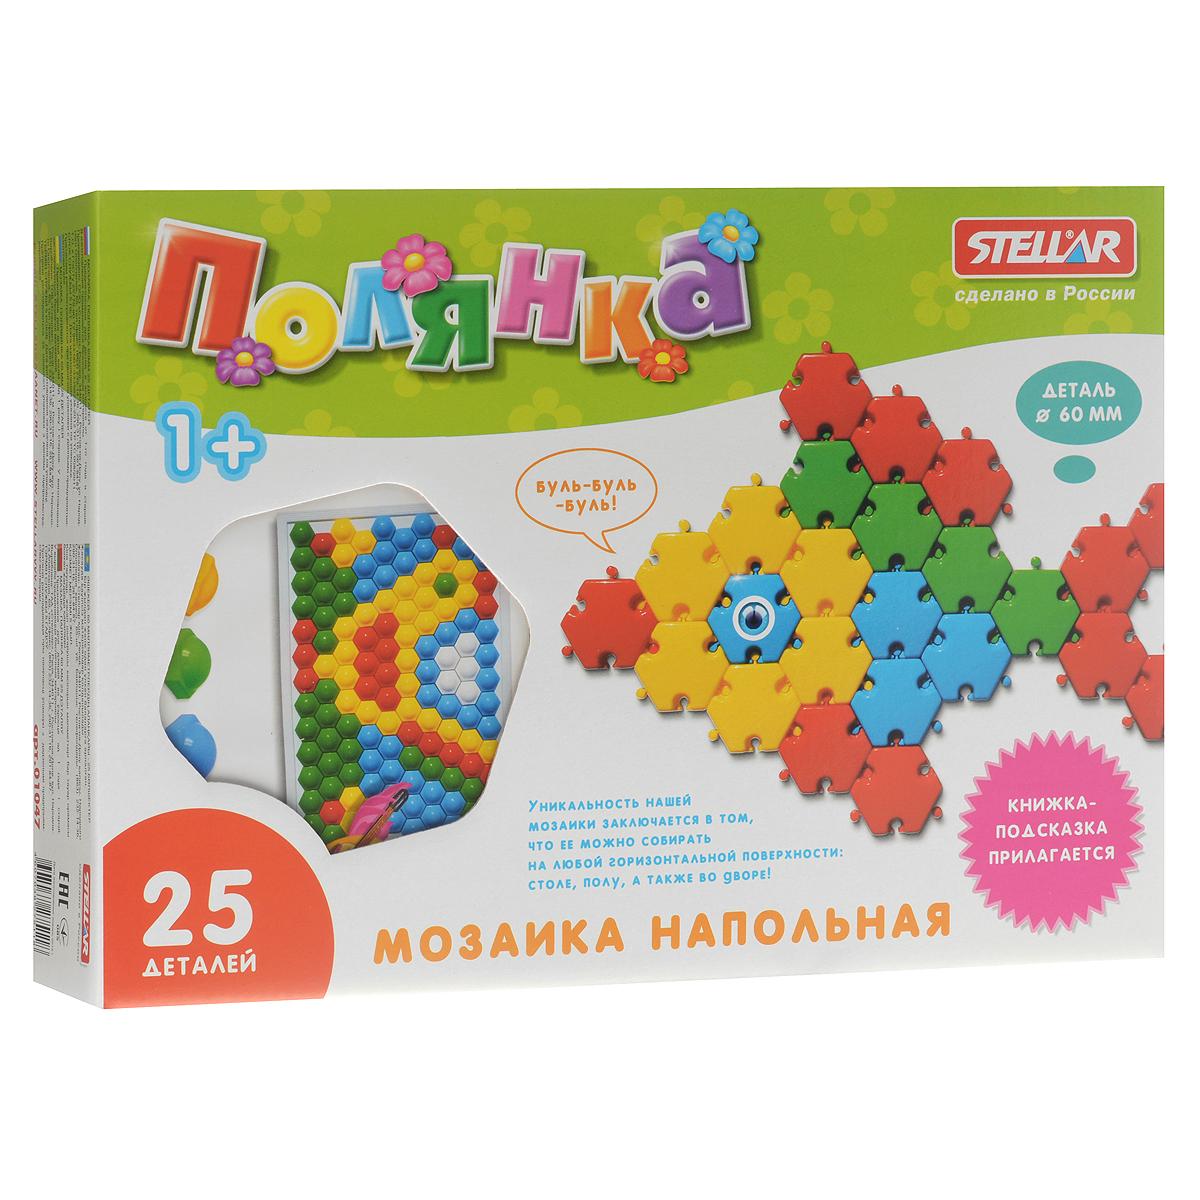 Мозаика напольная Stellar Полянка, 25 элементов01047Напольная мозаика Stellar Полянка удачно сочетает свойства мозаики и пазлов. Эта мозаика привлекает тем, что не требует основы. Ее можно собирать как на столе, так и на полу. Мозаика включает в себя 25 крупных разноцветных элементов, при помощи которых ребенок сможет создавать объемные цветные картинки: для этого ему нужно просто соединить их между собой. В комплект также входит книжка-подсказка с примерами сборки. Ваш ребенок с удовольствием будет экспериментировать с разнообразными деталями мозаики, повторяя готовые рисунки или придумывая свои собственные. Созерцание готового результата собственных усилий вызывает у малыша радость и чувство уверенности в своих силах. Крупные яркие детали напольной мозаики, выполненные из полипропилена, очень удобны для маленьких детских ручек. Игры с мозаикой способствуют развитию у малышей мелкой моторики рук, координации движений, внимательности, логического и абстрактного мышления, ориентировку на плоскости, а также...